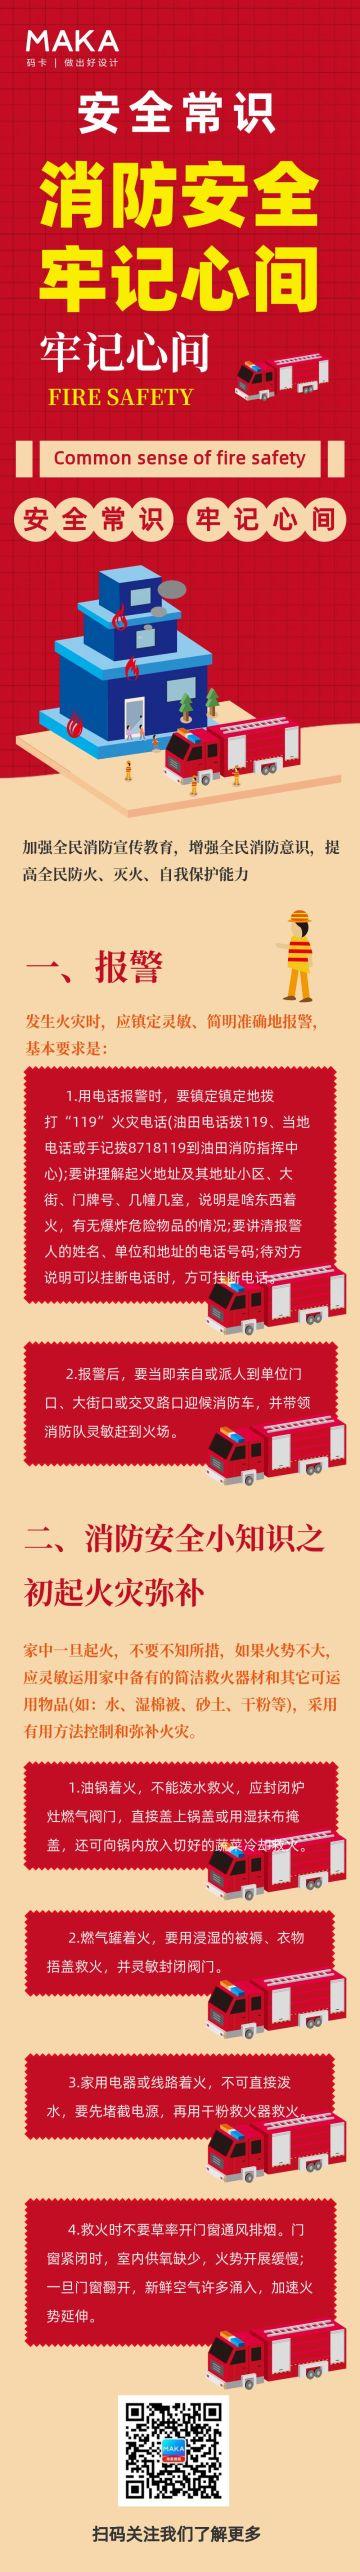 红色简约插画风格消防安全日节日宣传文章长图